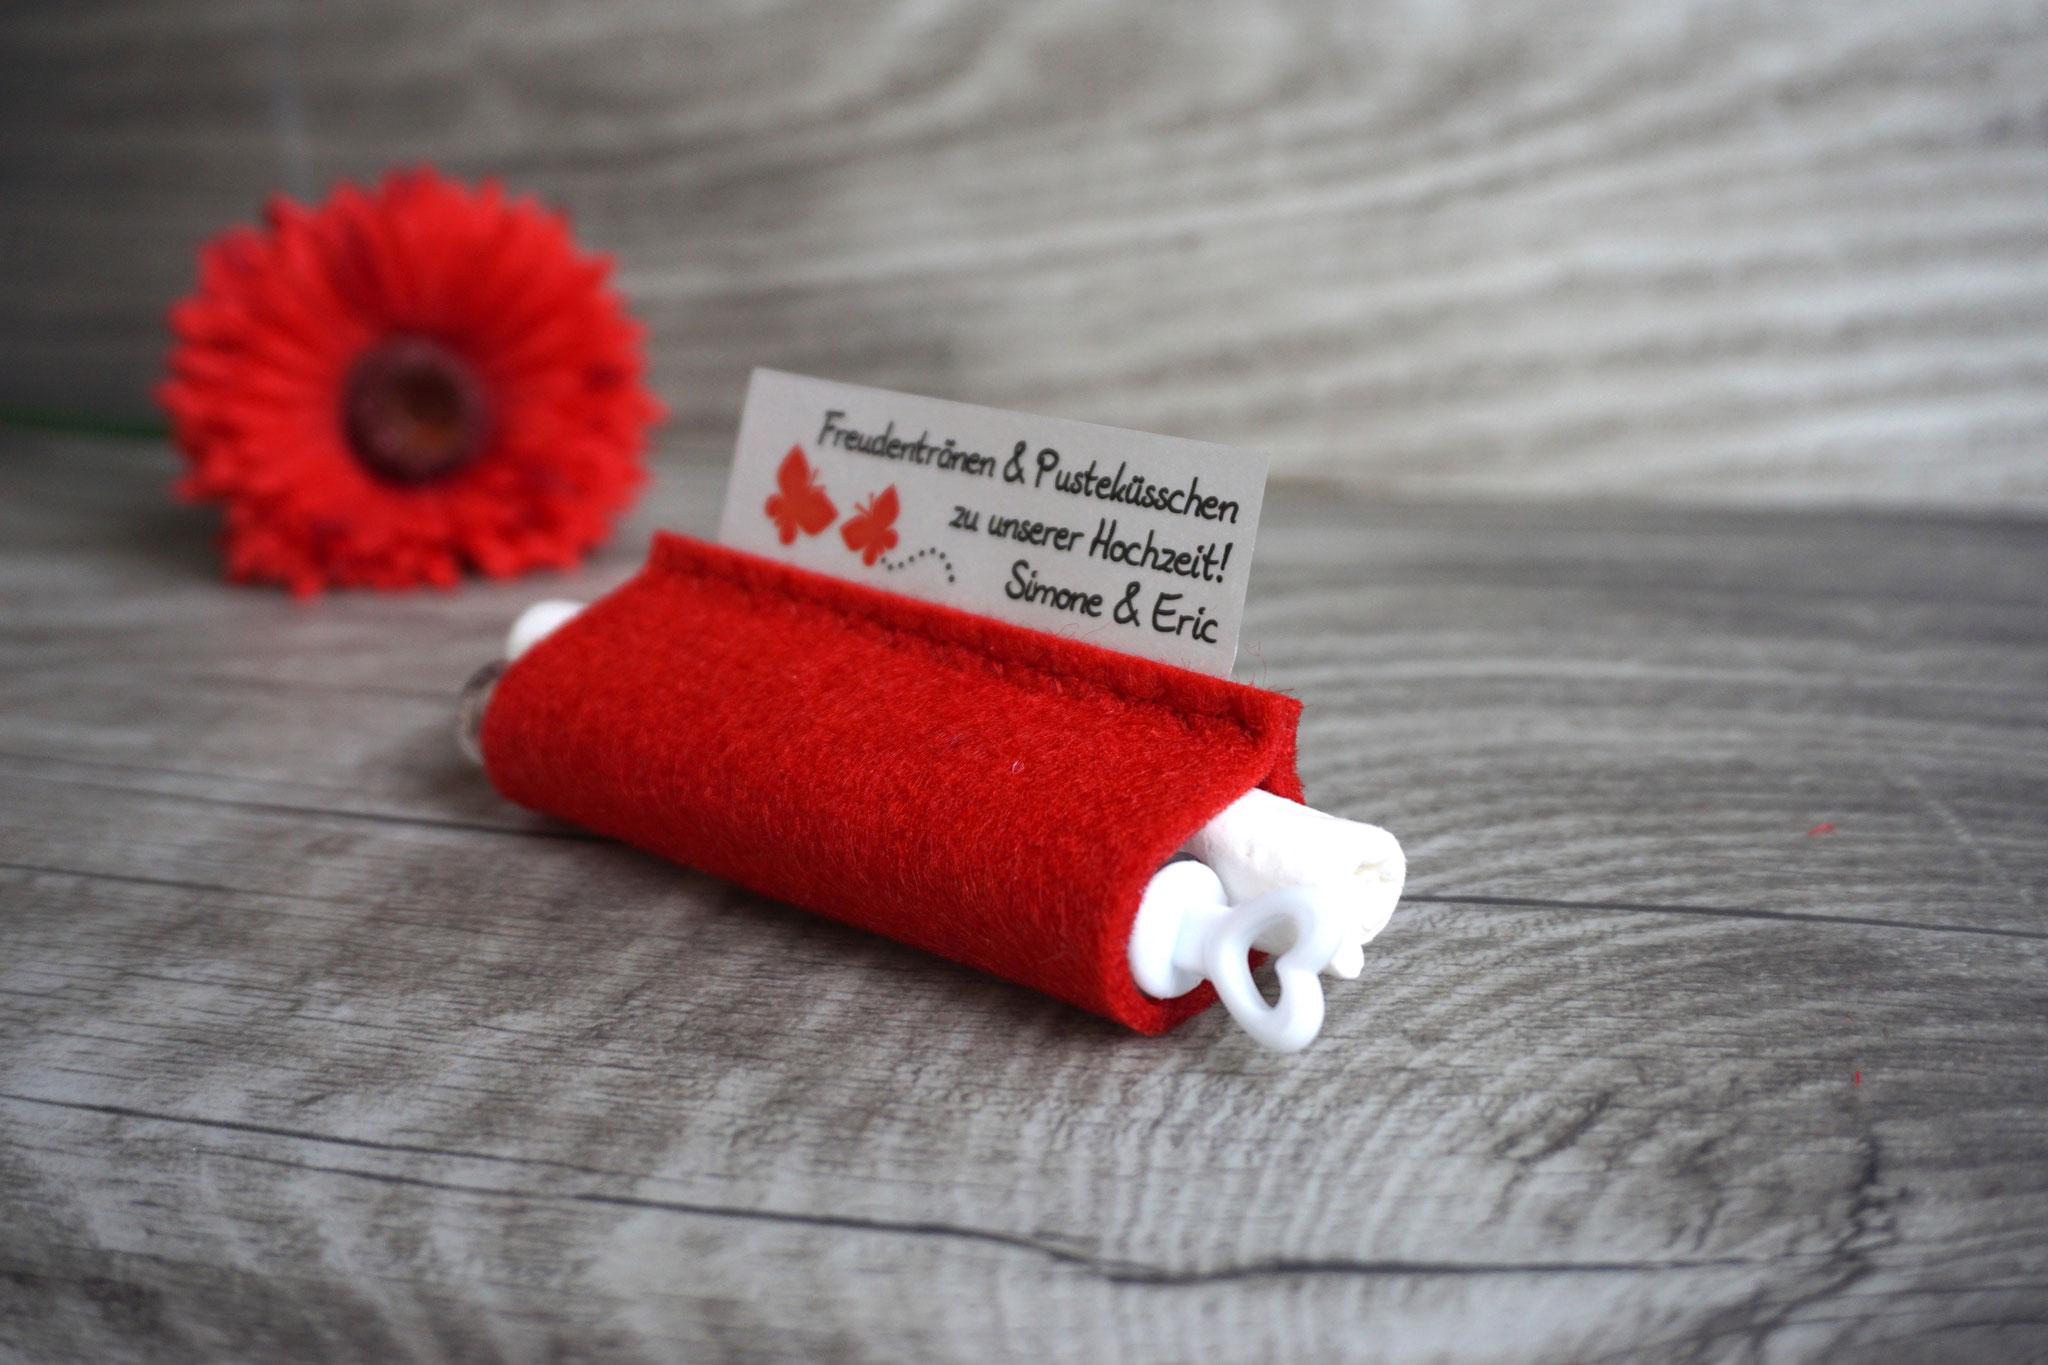 Freudentränen Taschentücher mit Weddingbubbles, Filz rot, Design Schmetterlinge